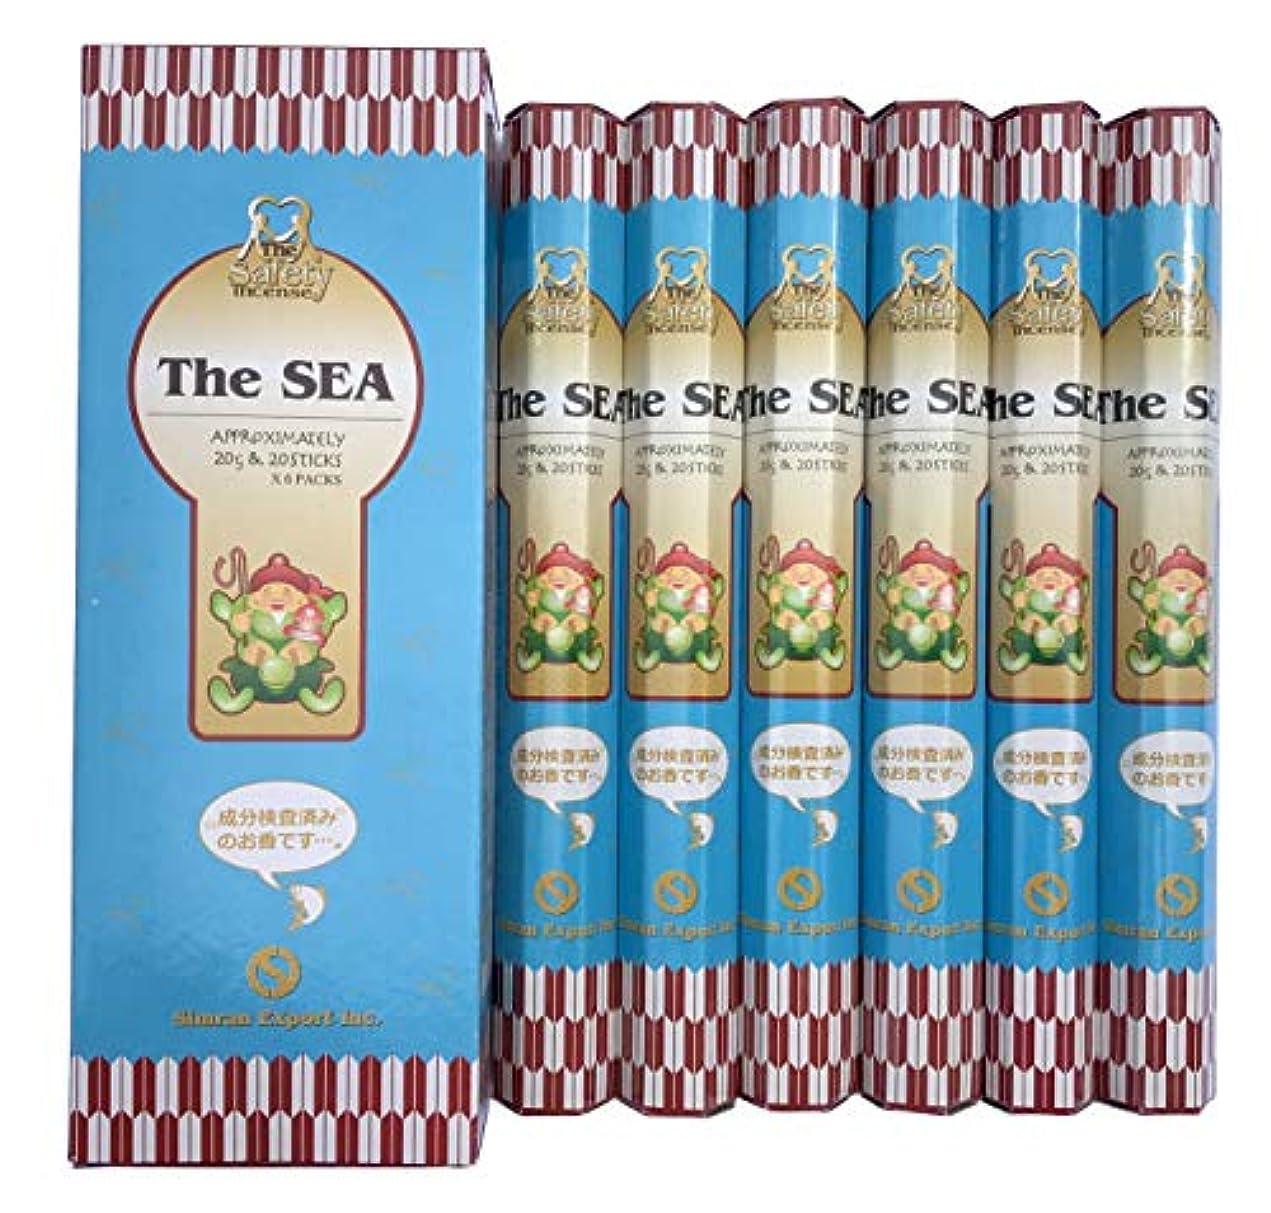 測定可能適応する他の場所インド香 The SEA ザ?シー 潮風の香り スティック 6個セット シムラン社 成分検査済み